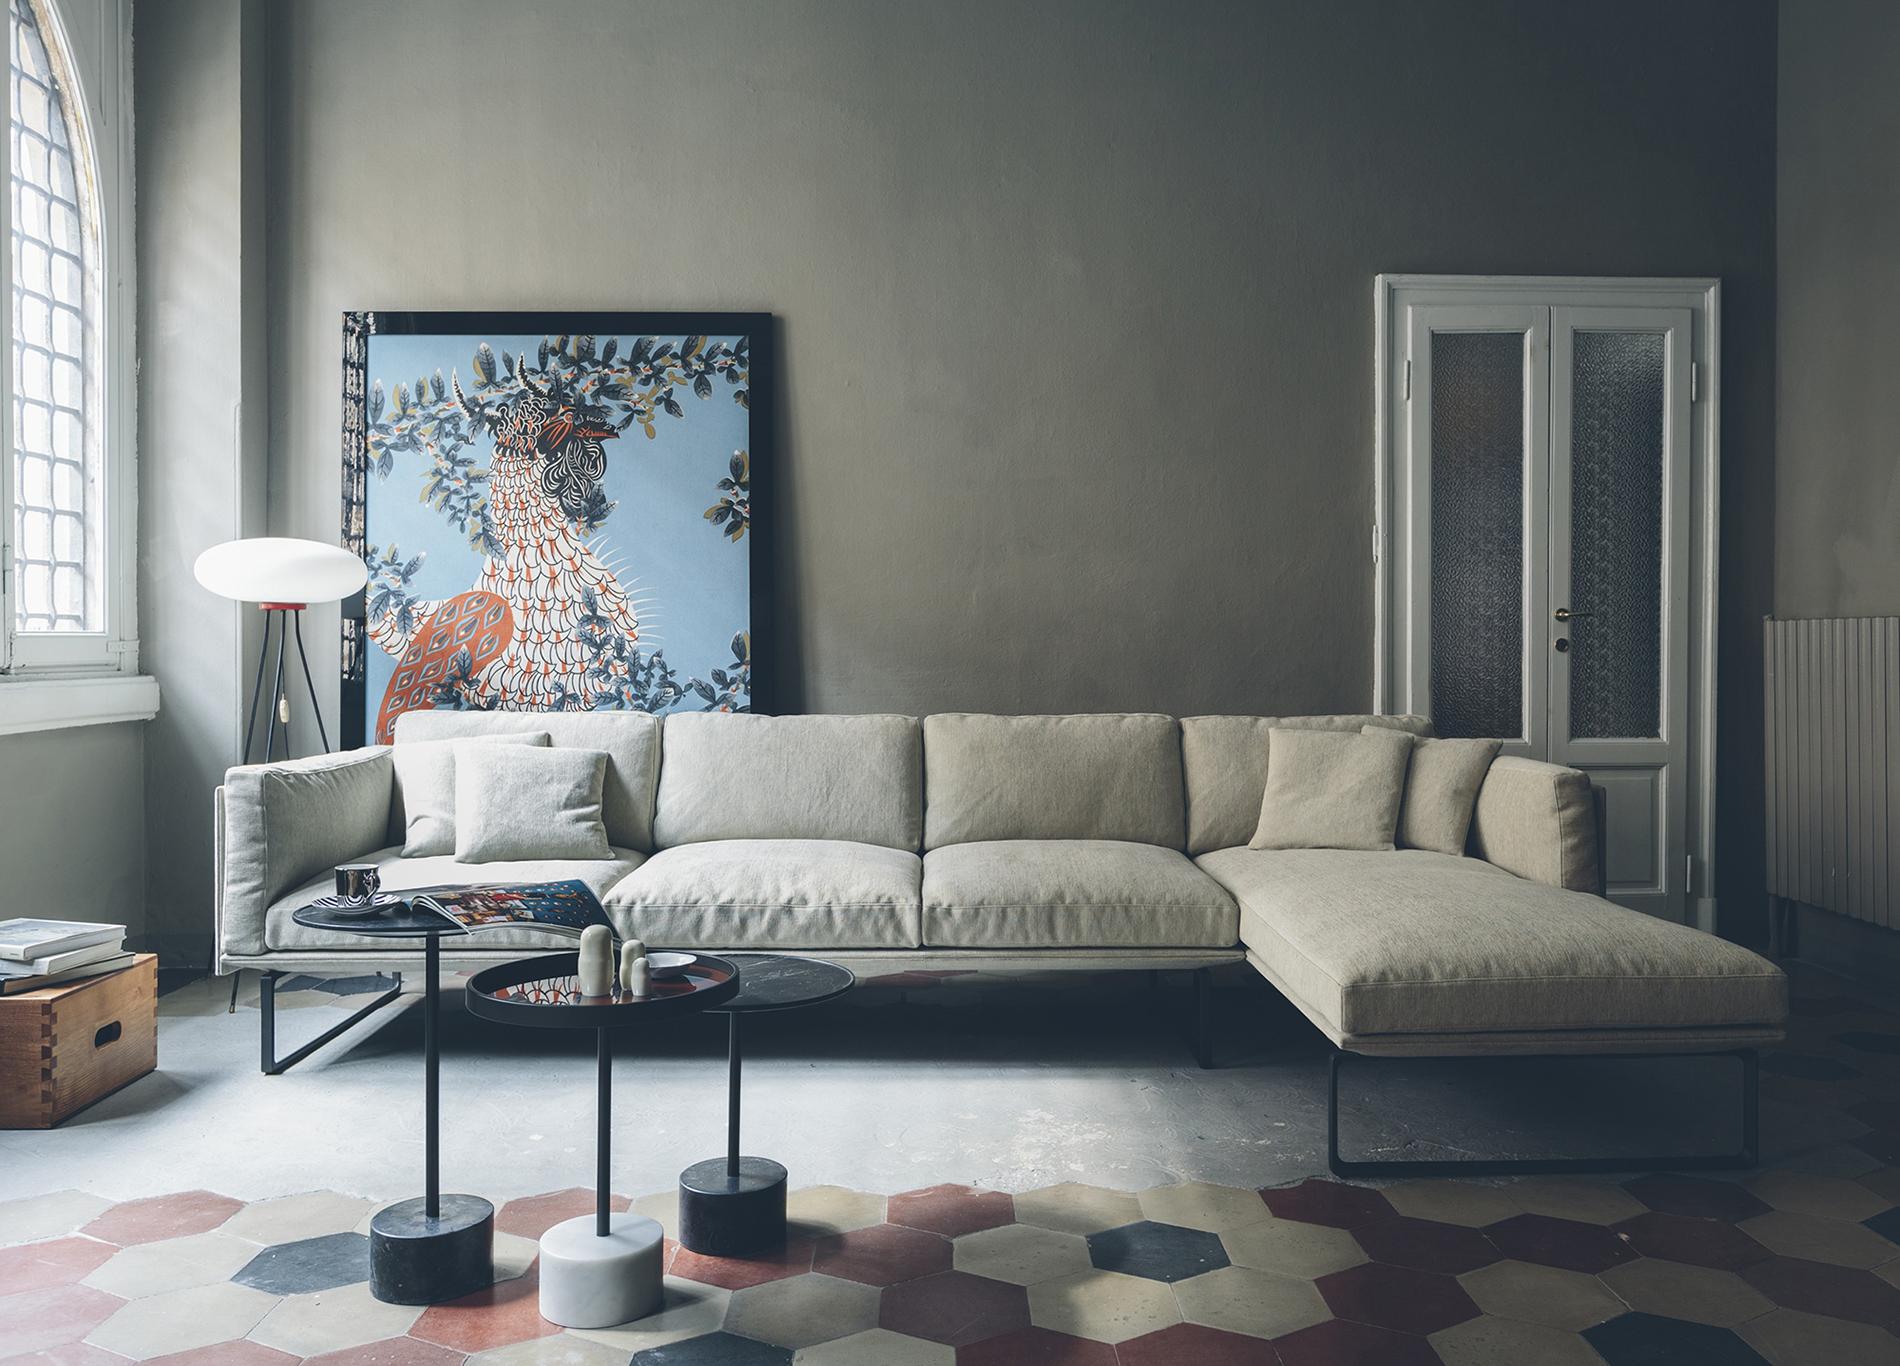 sweet home - Neue Moderne Wohnungseinrichtung